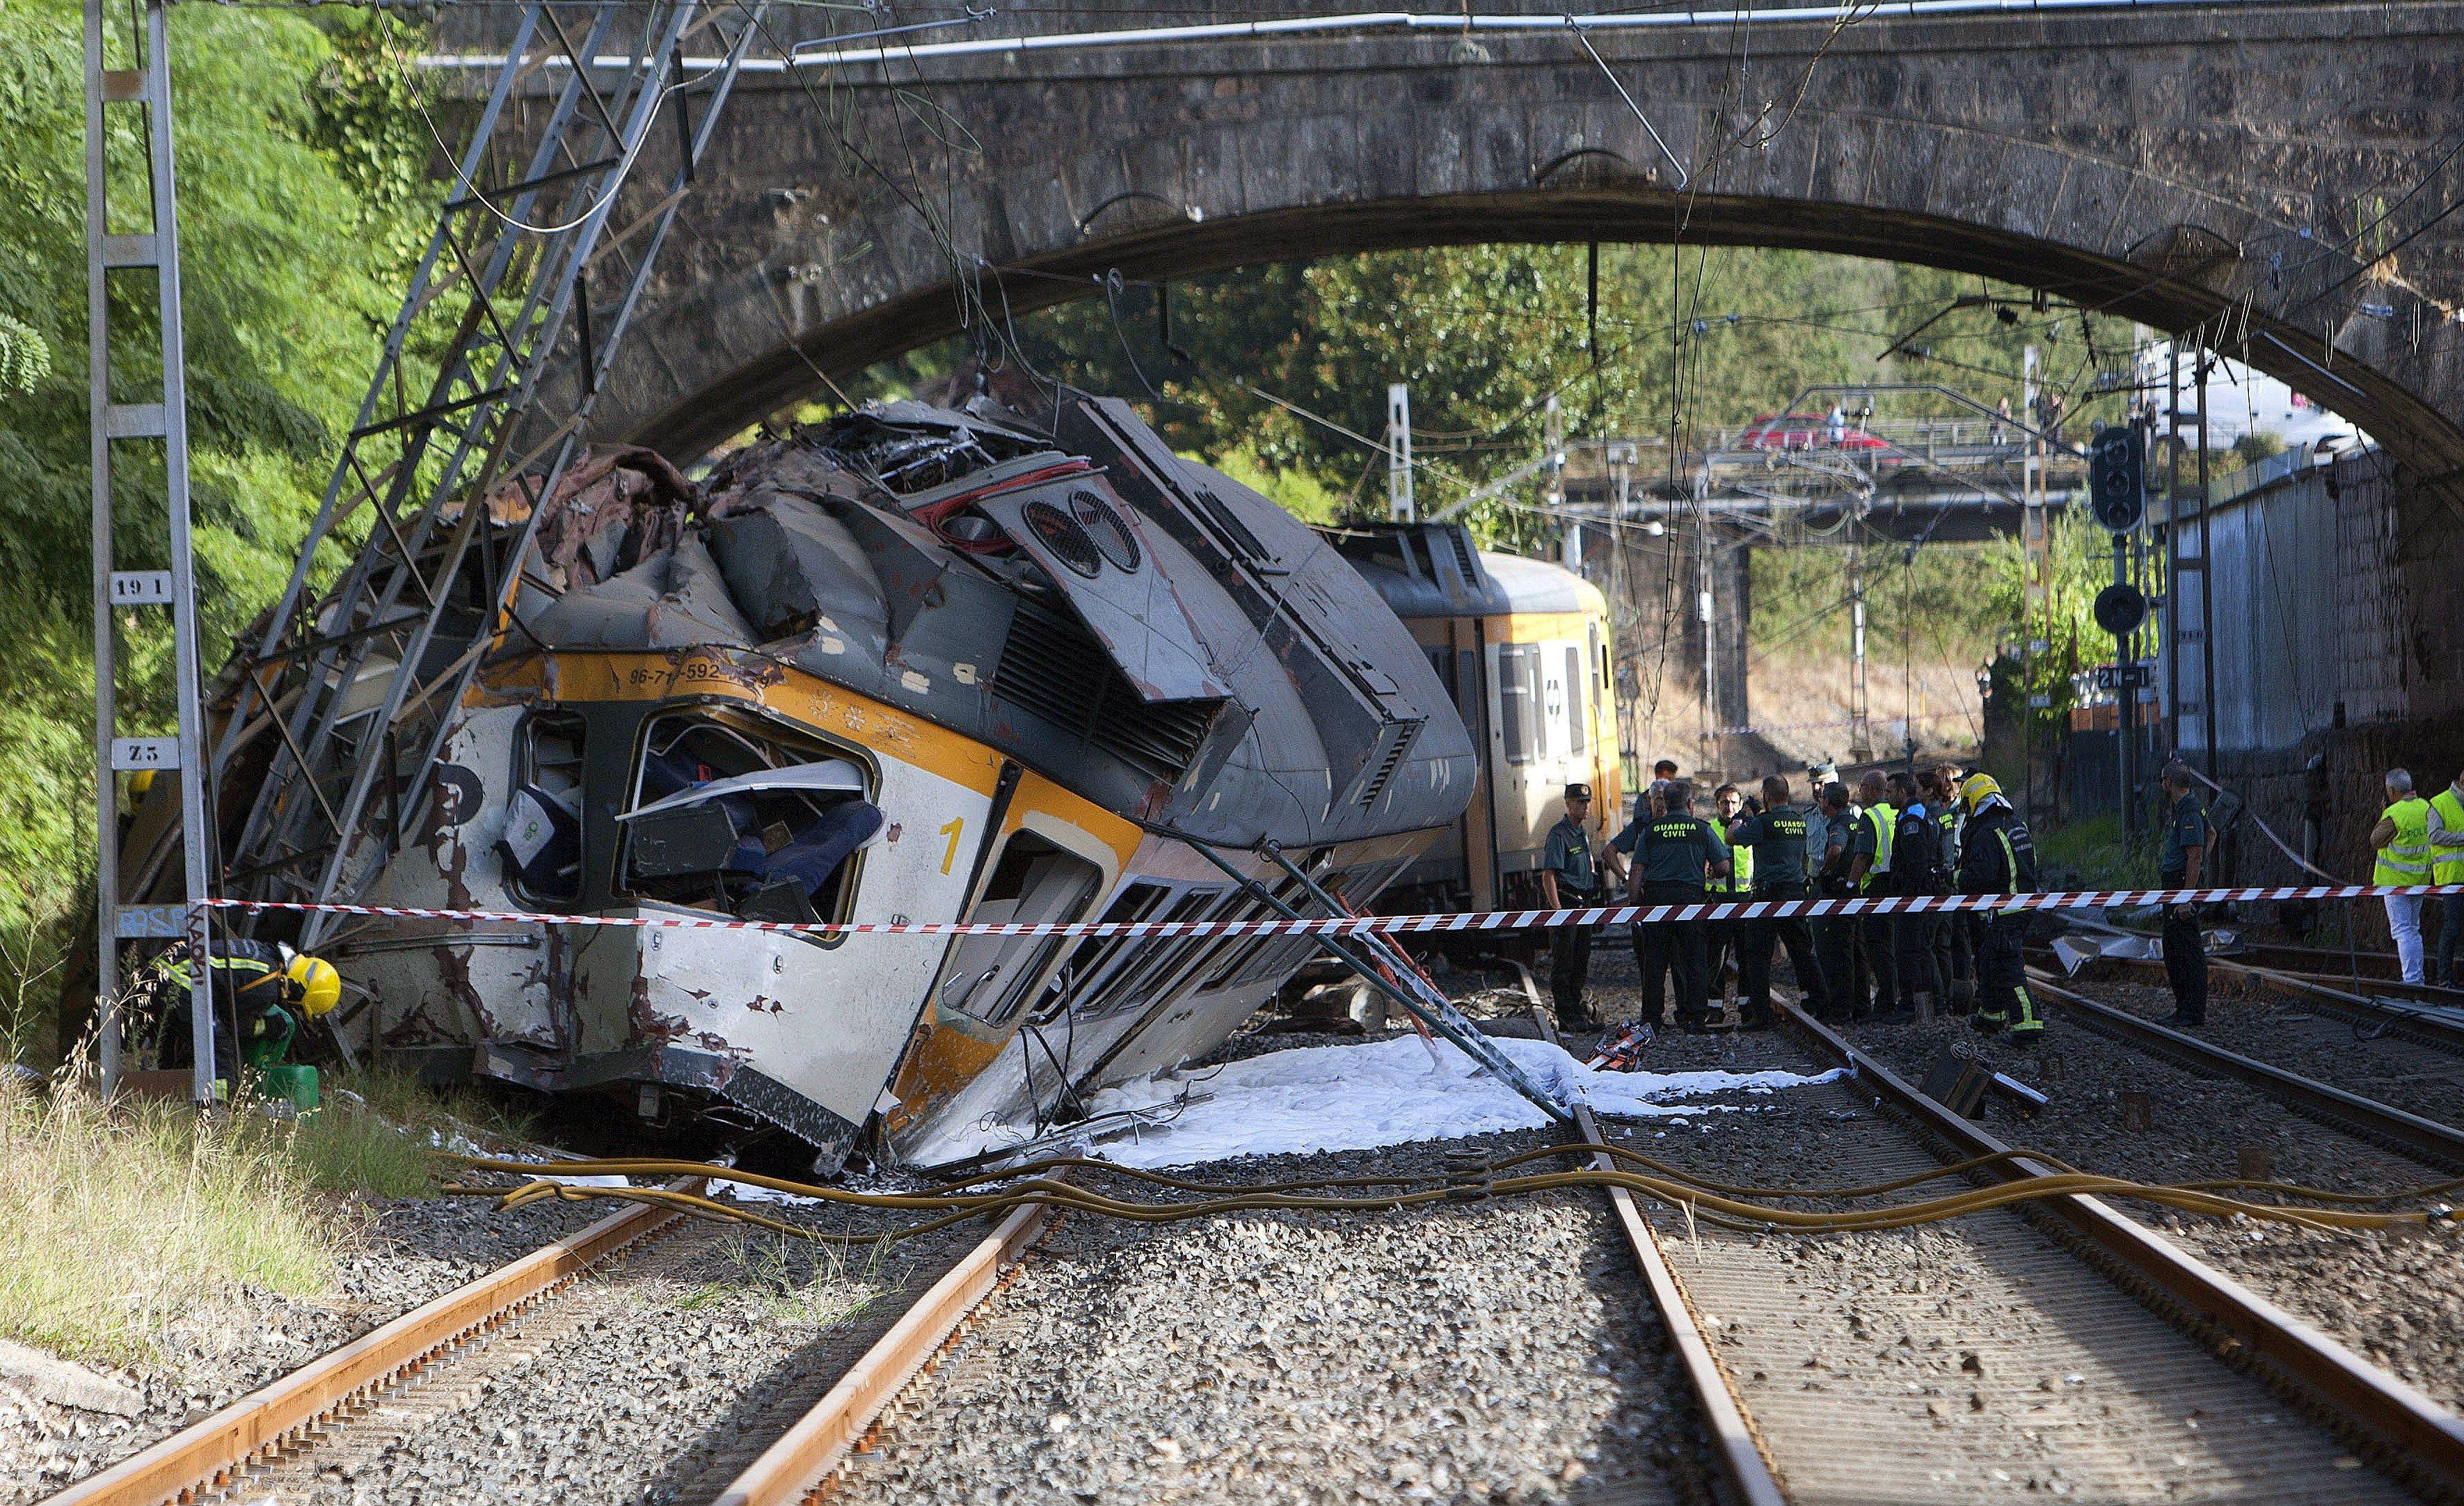 Dos argentinos resultaron heridos en el descarrilamiento del tren que dejó 4 muertos